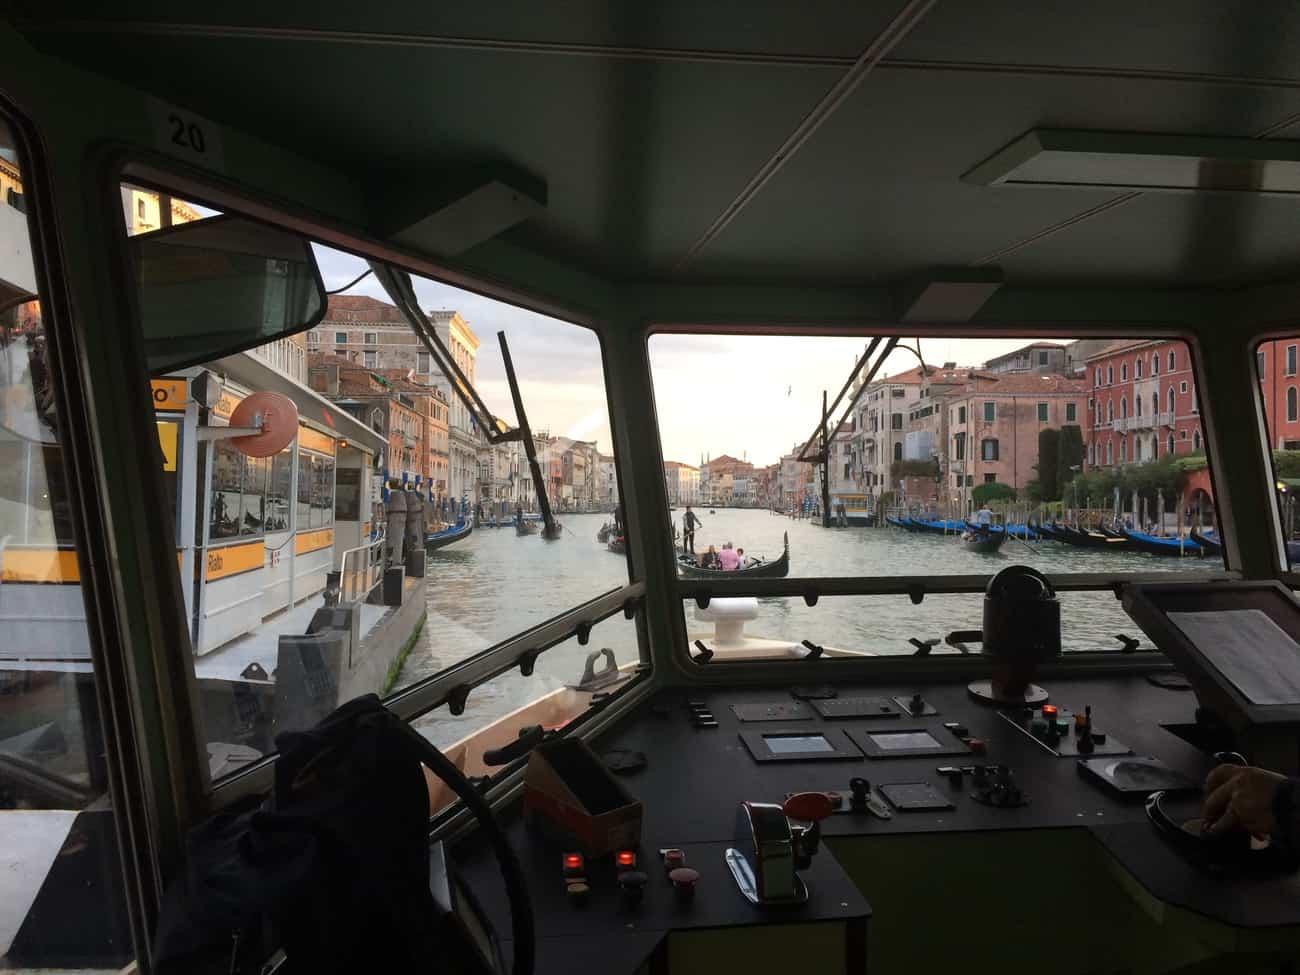 Venice vaporetto driver's view